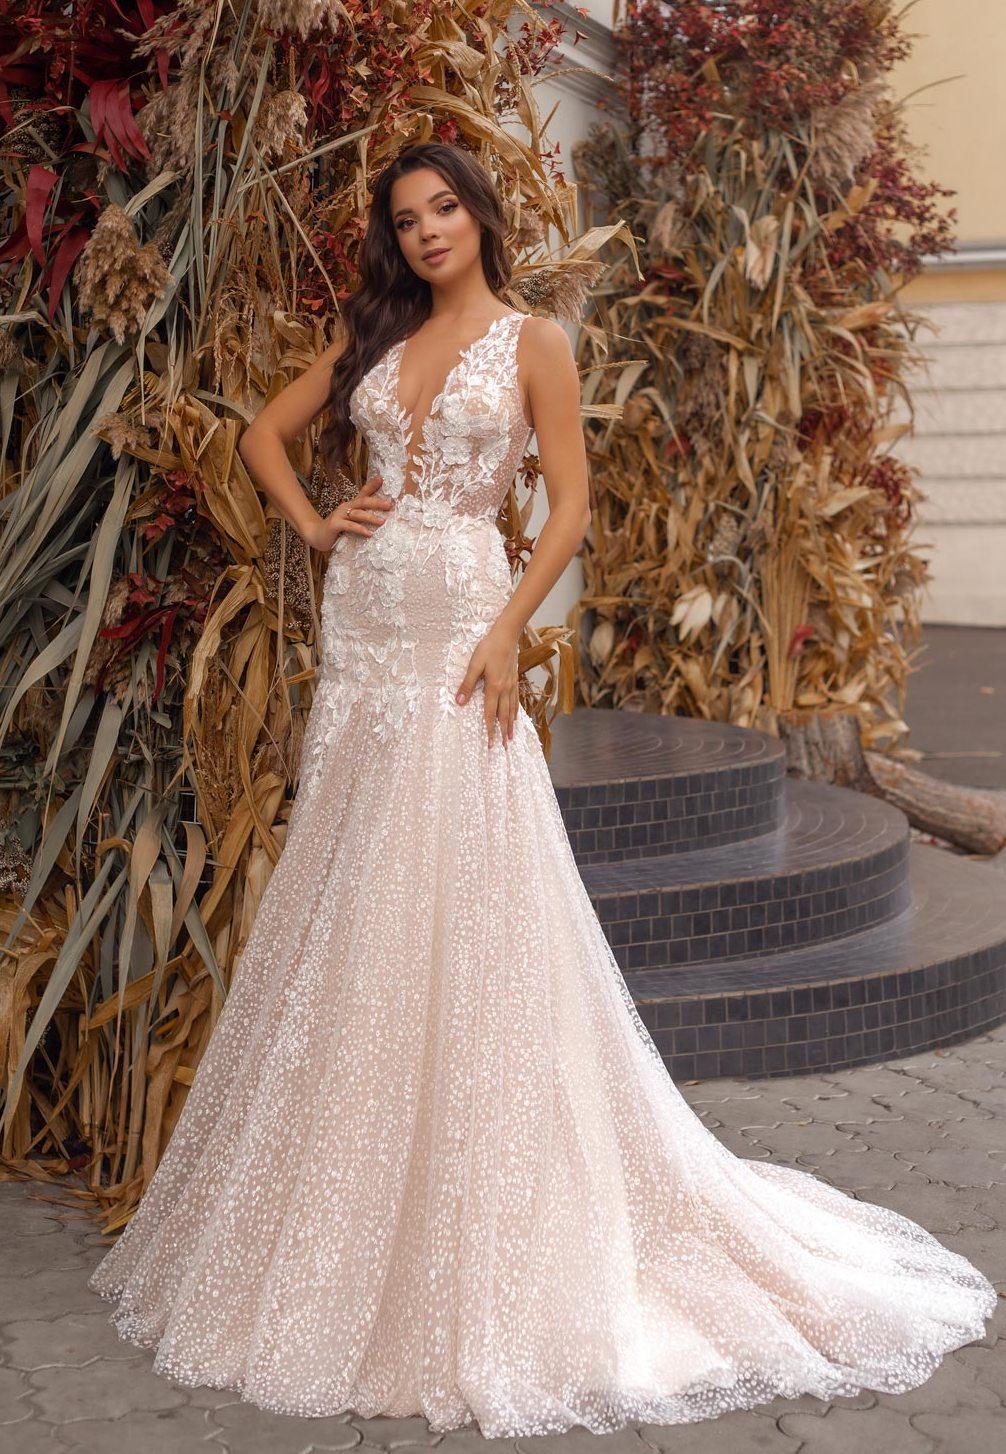 Svadobné šaty nemusia byť len biele